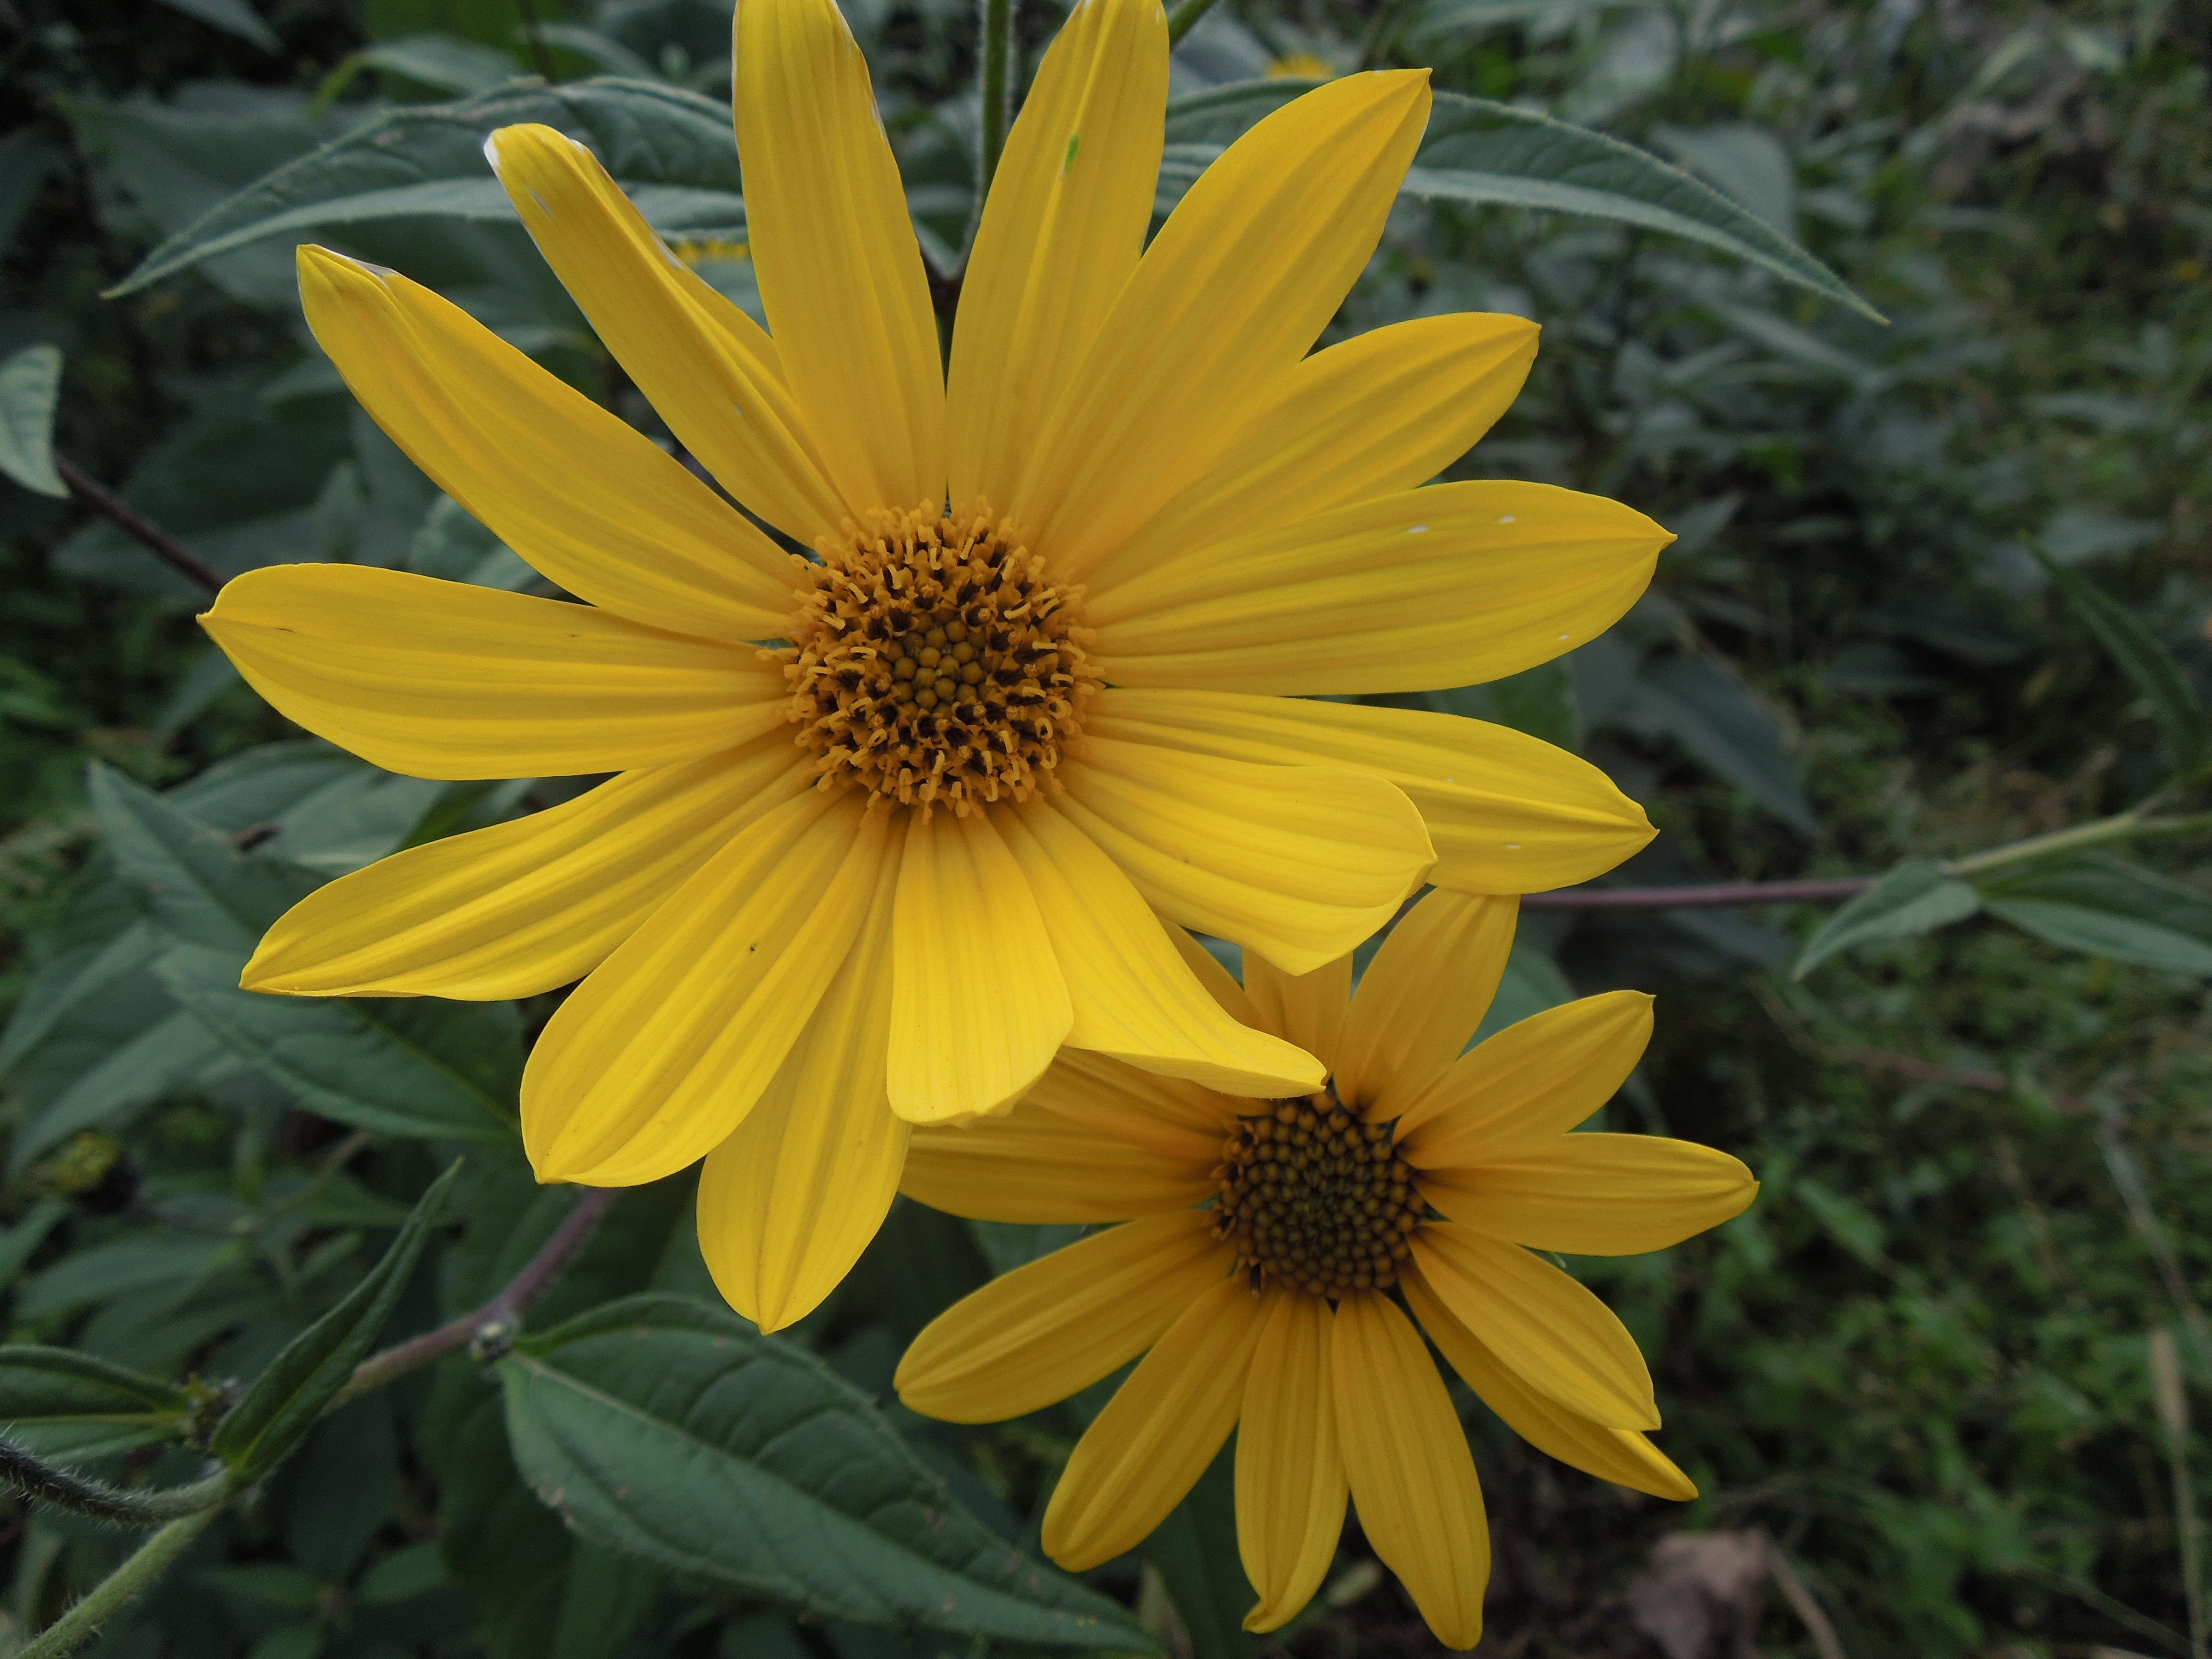 Flori-helianthus tuberosus, sora florii soarelui